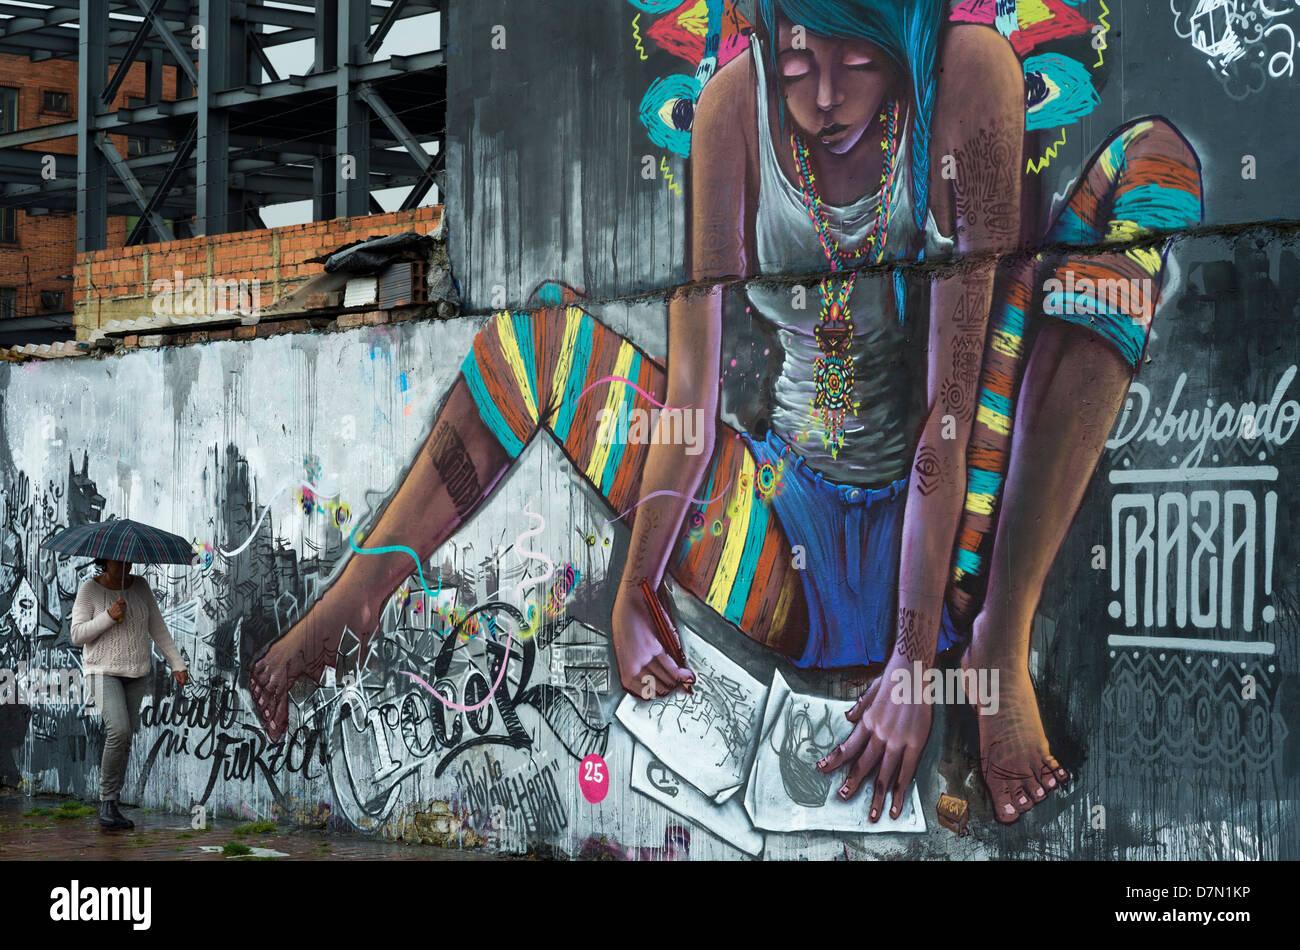 Graffiti (mural), en la calle en la ciudad de Bogotá, Colombia. Imagen De Stock